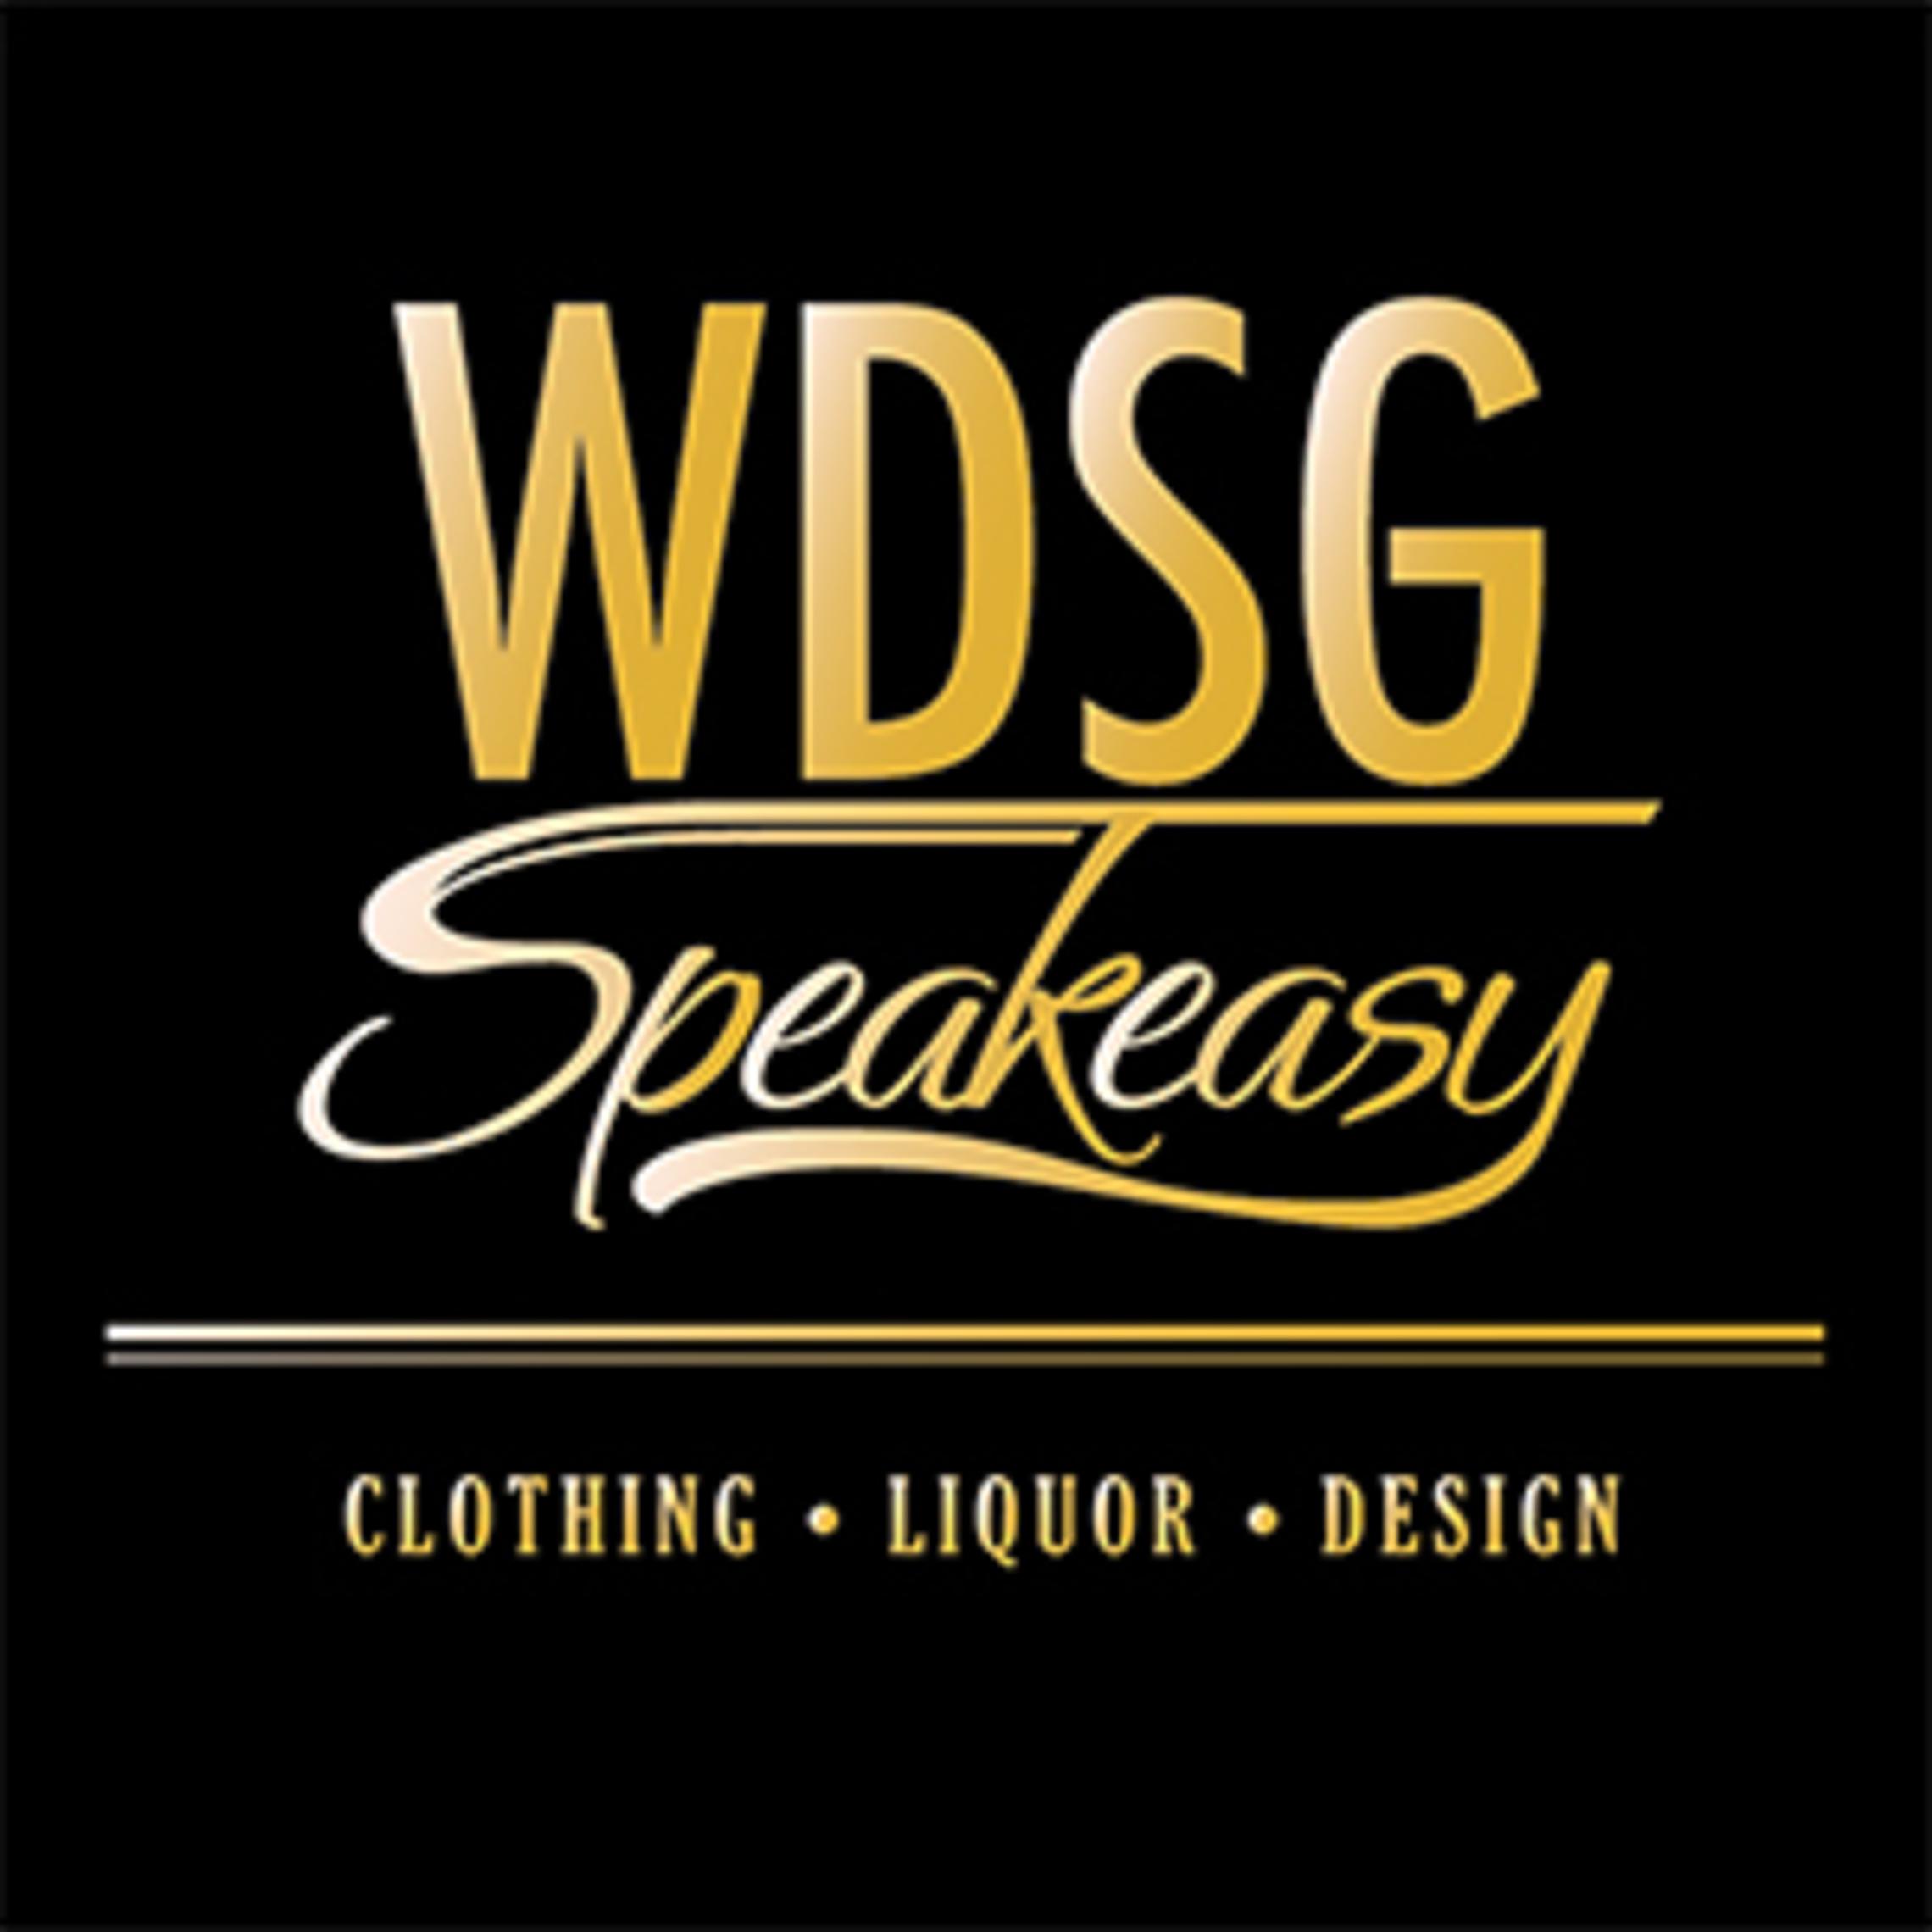 wdsg speakeasy- company logo